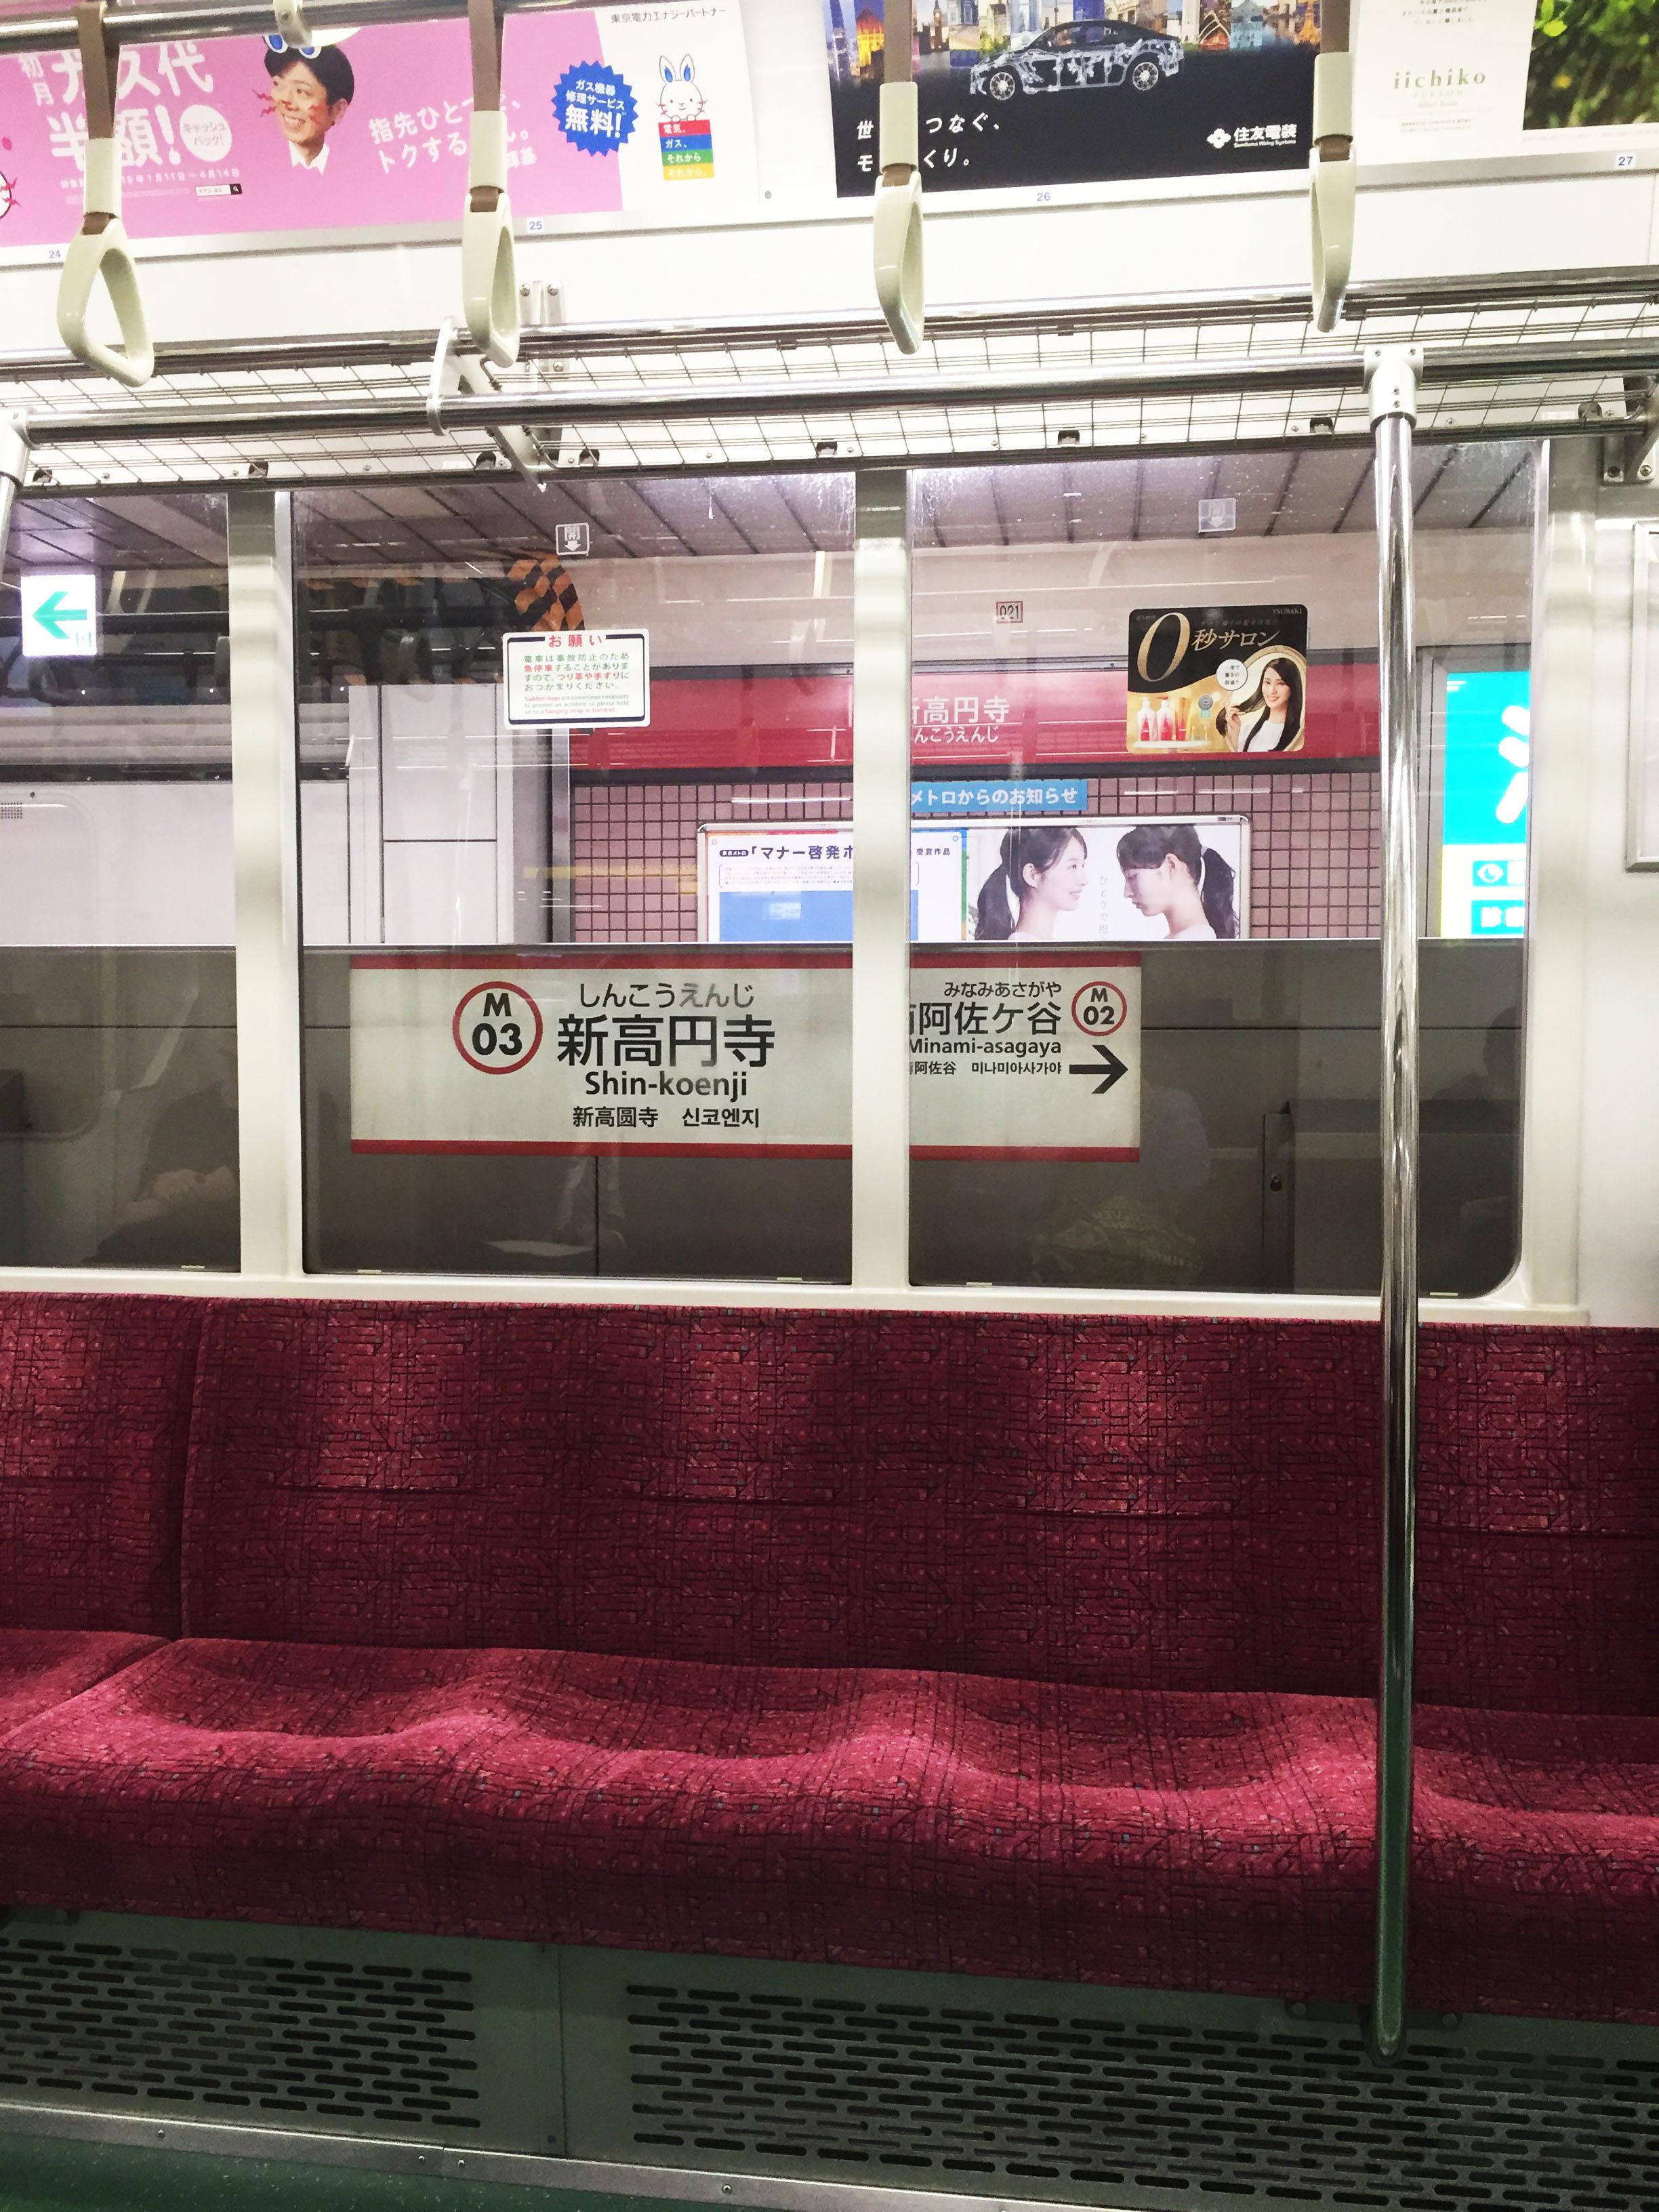 shin koenji station tokyo japan becky jewell.JPG